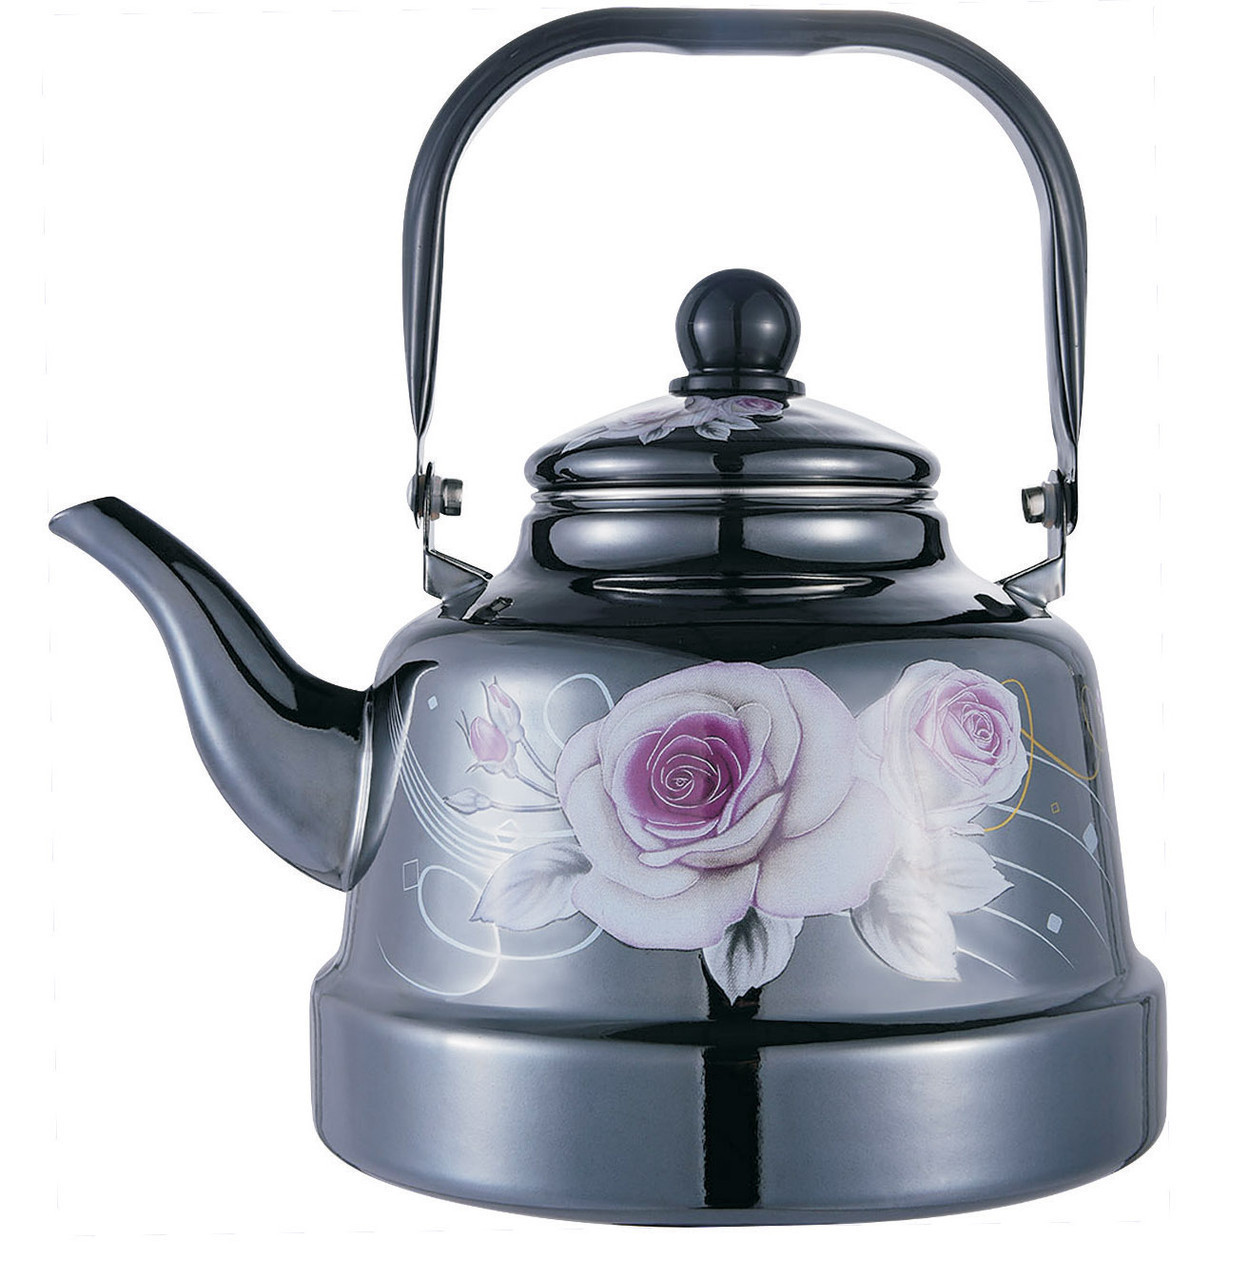 Эмалированный чайник с подвижной ручкой Benson BN-107 черный с рисунком (3.3 л)